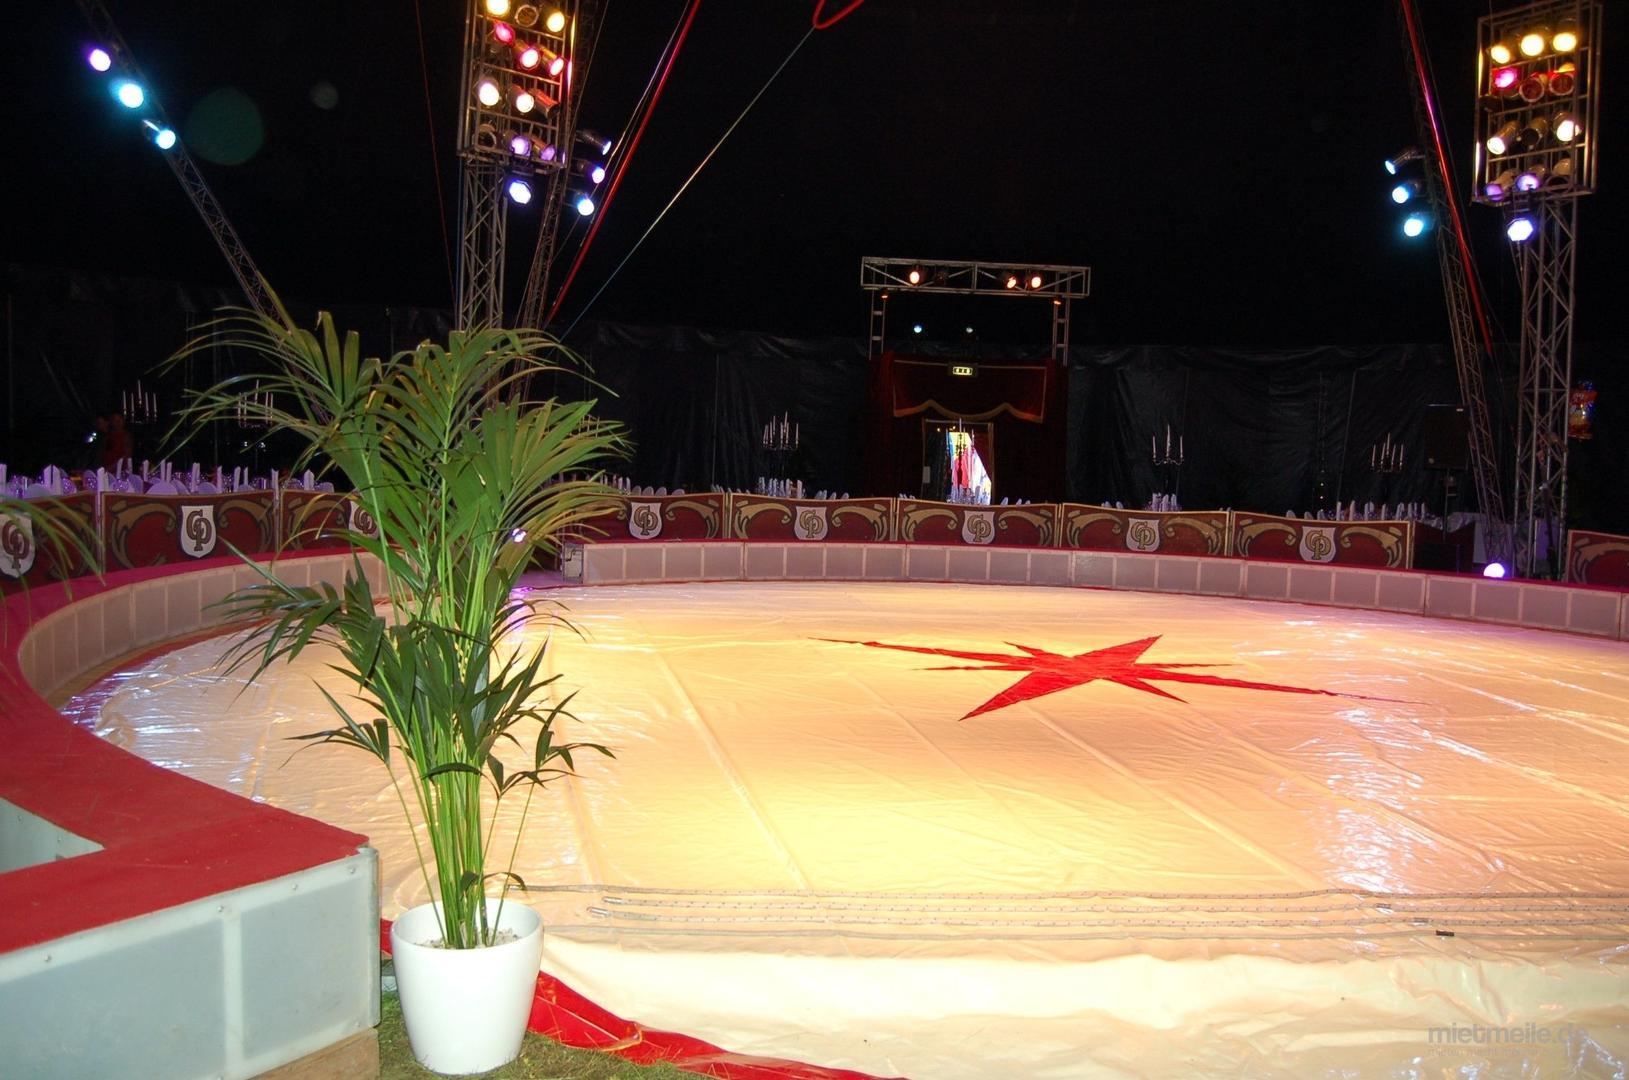 Partyräume mieten & vermieten - Partyräume, Zirkuszelte, Messezelte, Eventzelte, Partyzelte in Essen